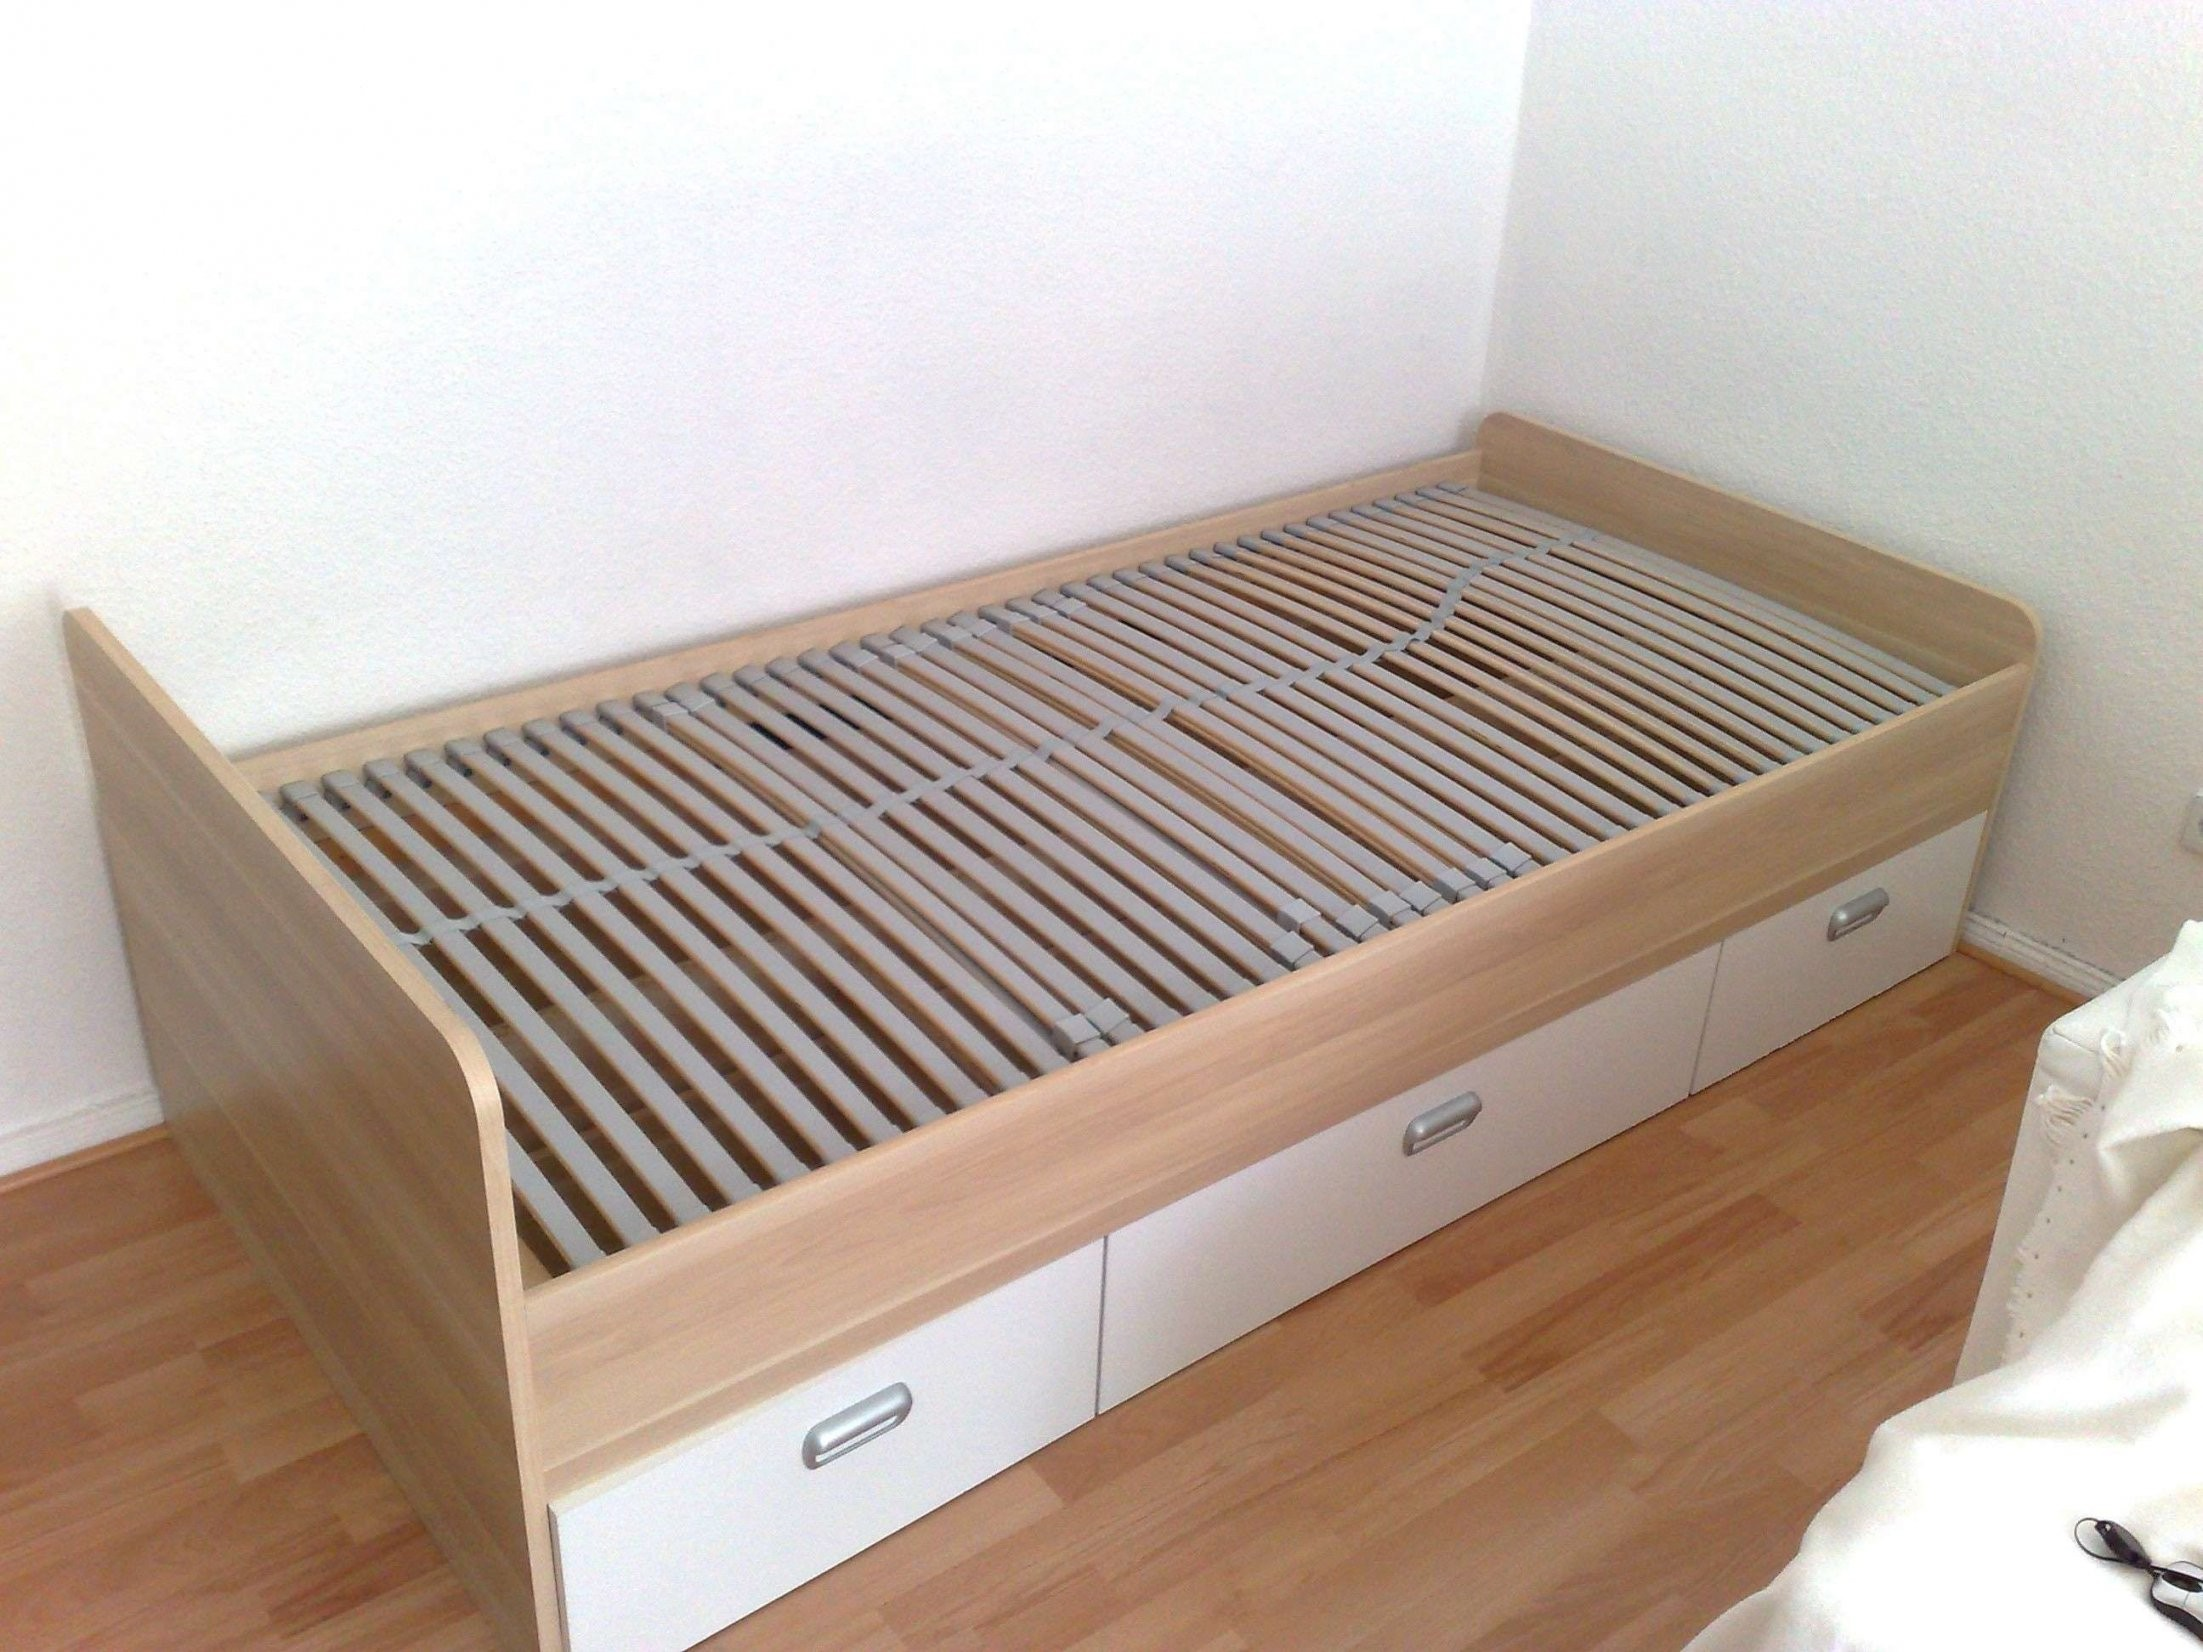 Klappbett Doppelbett Neu Klappbett Bauen Elegant Klappbett Selber von Bett Selber Bauen Mit Schubladen Bild